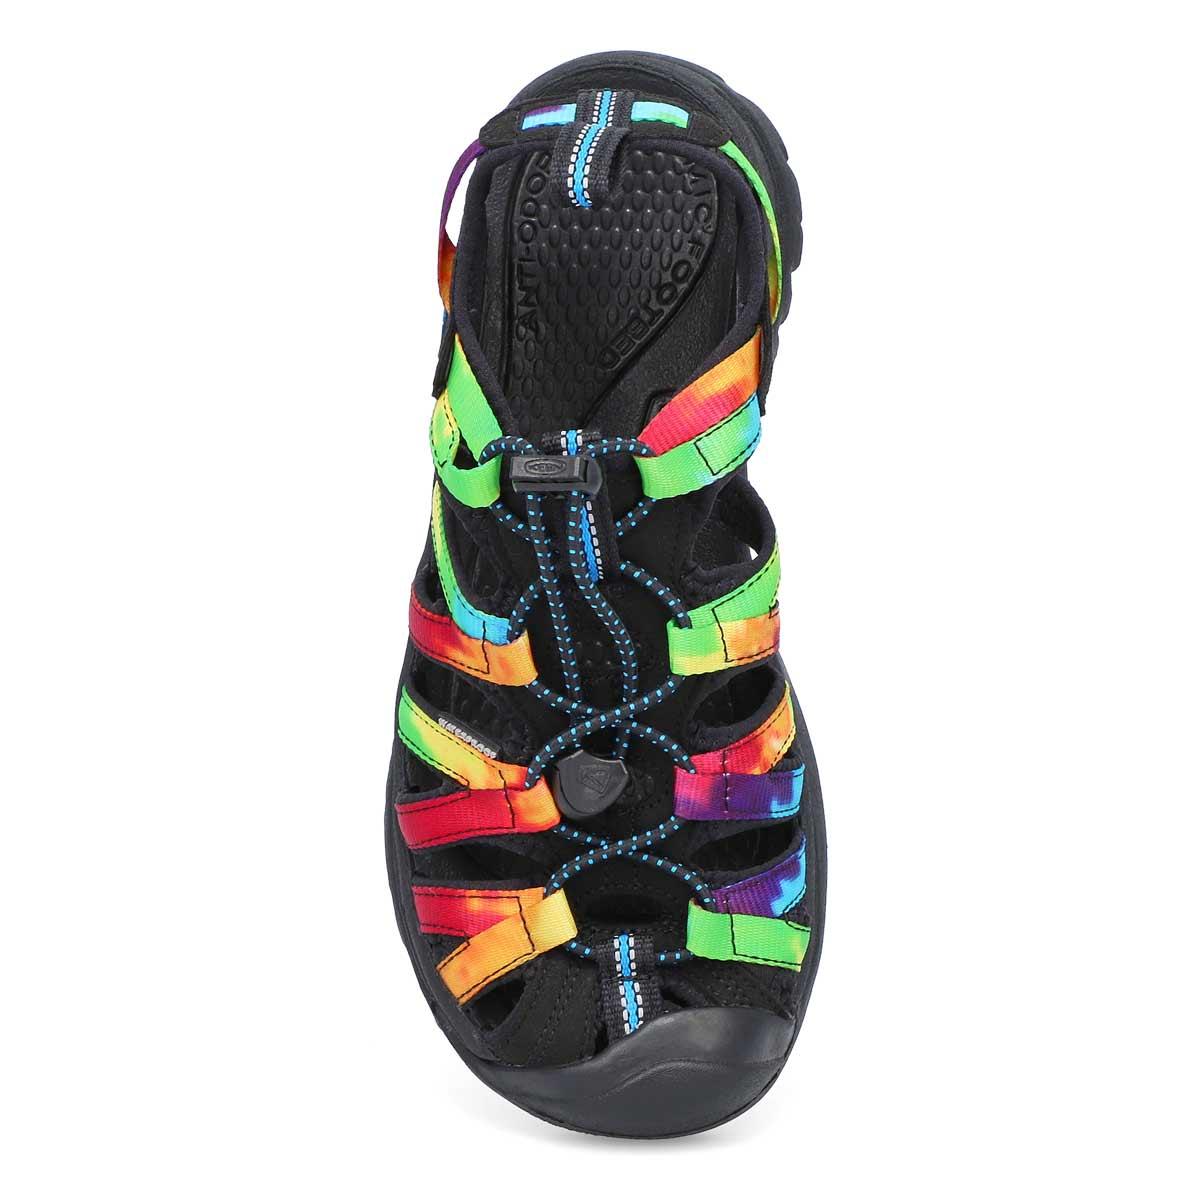 Women's Whisper Sport Sandal - Tie Dye